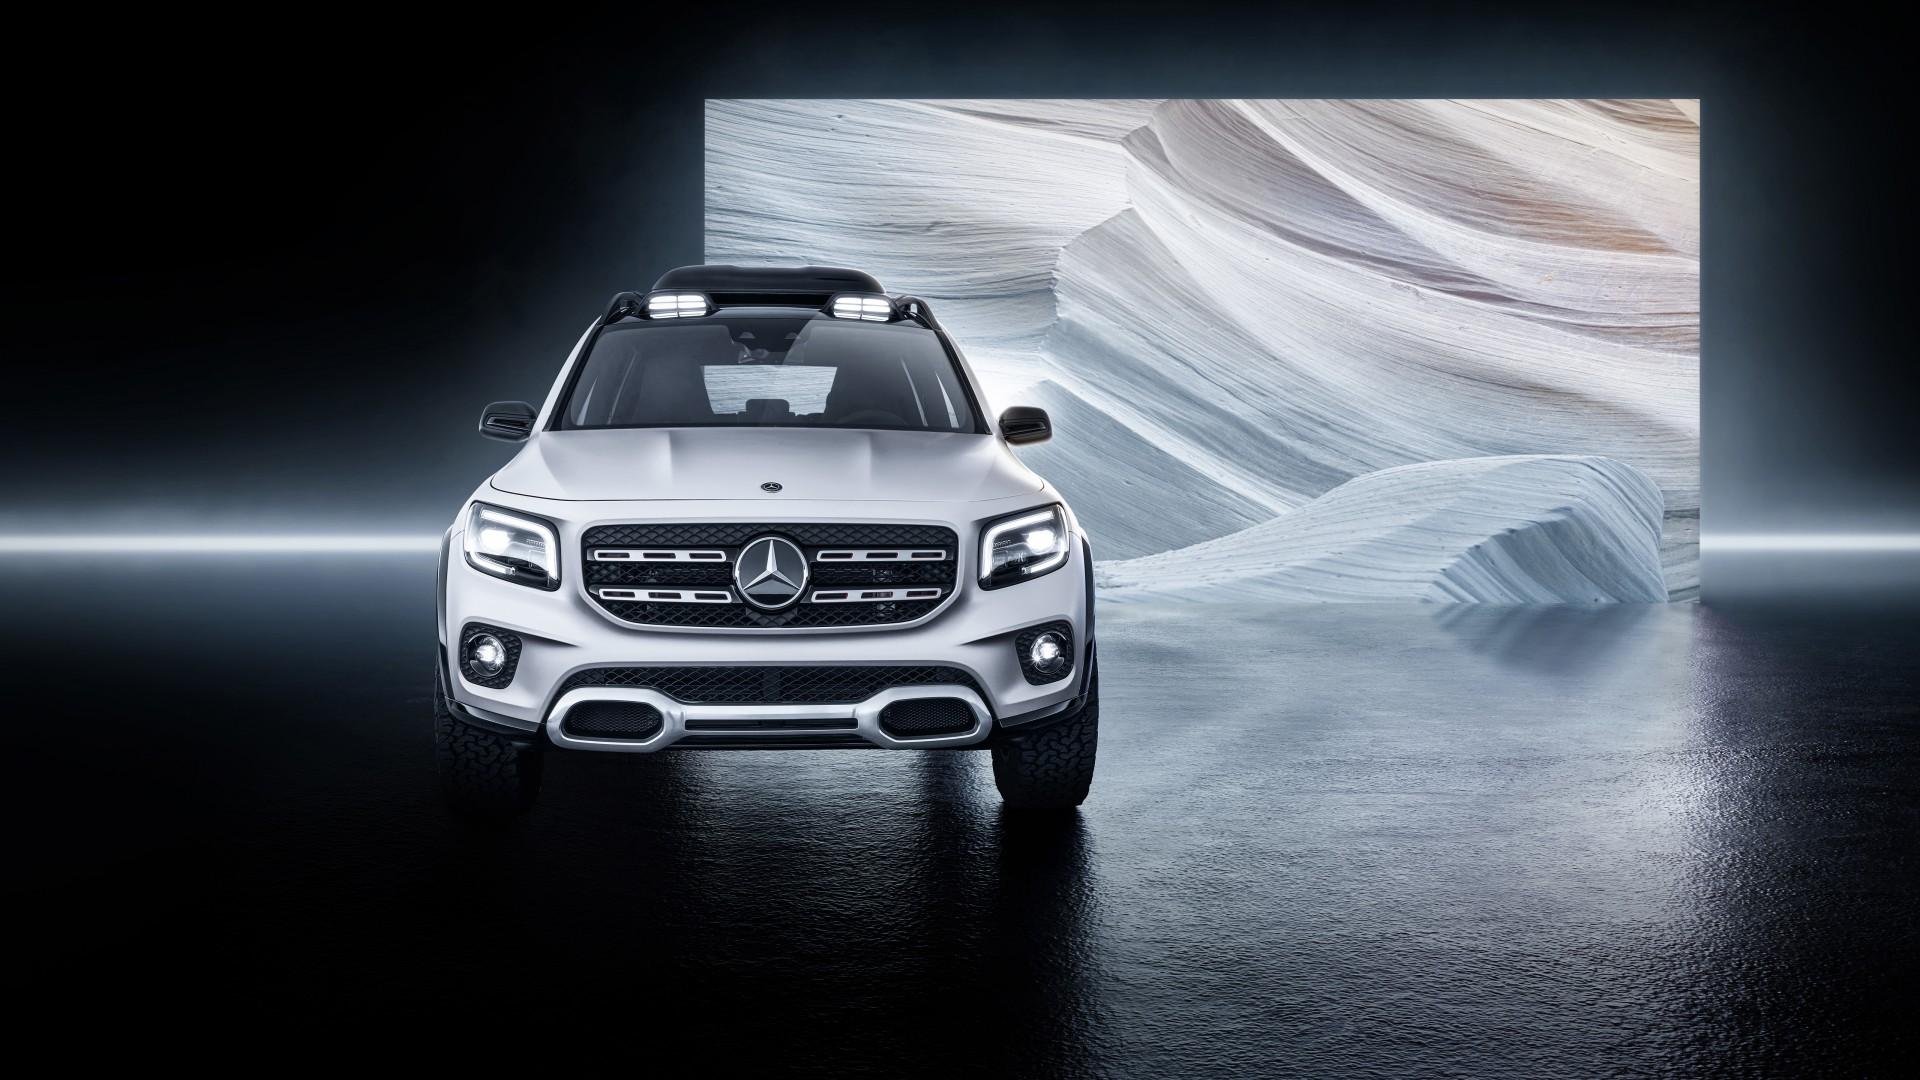 Mercedes-Benz Concept GLB 2019 5K 2 Wallpaper   HD Car ...